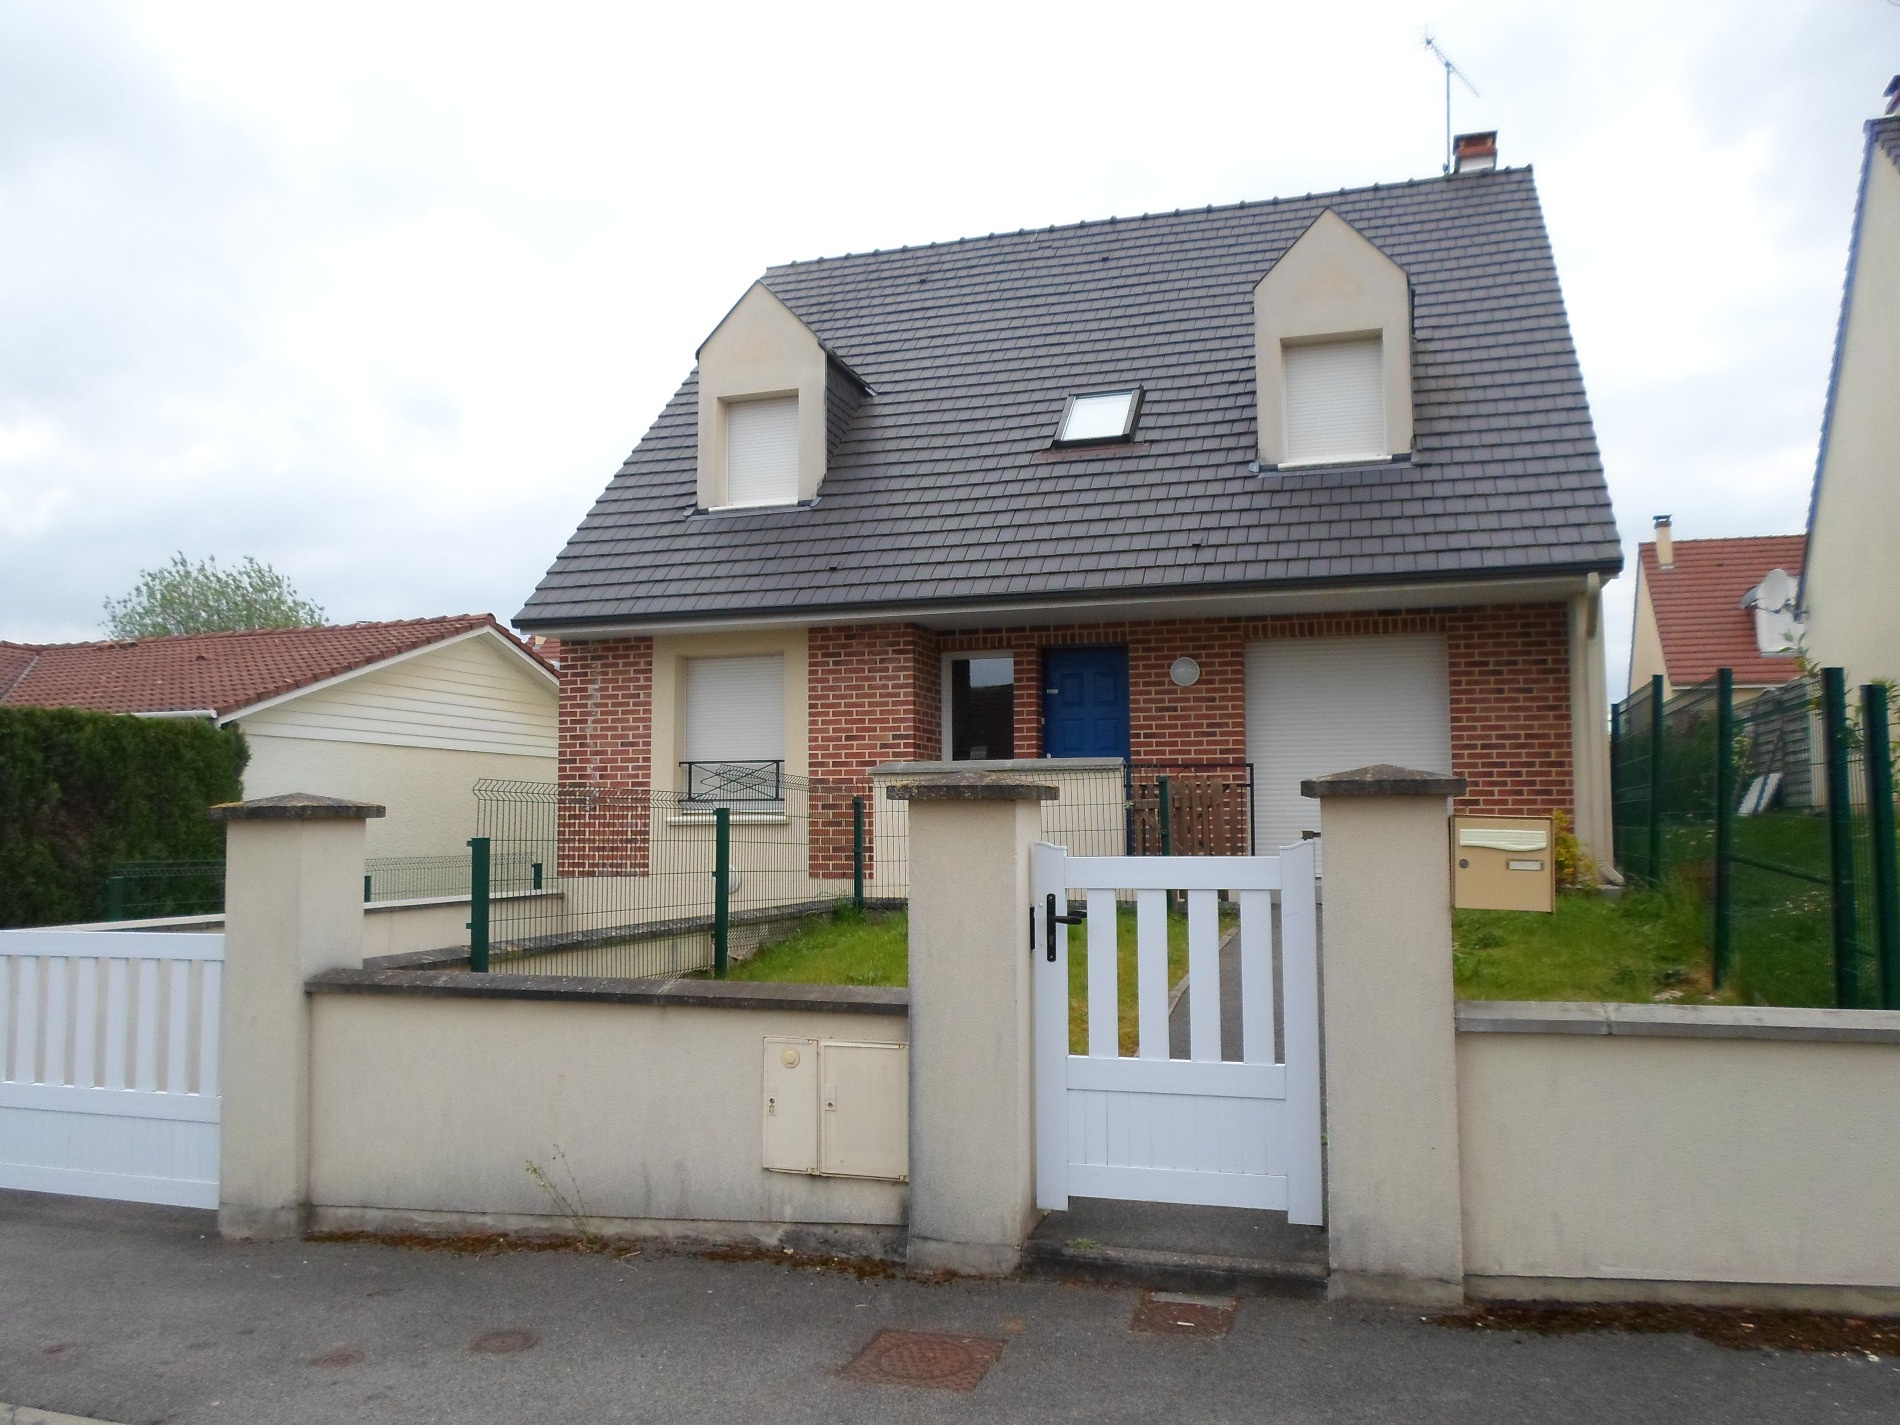 Annonce location maison pont de metz 80480 133 m 1 for Annonces de location de maison